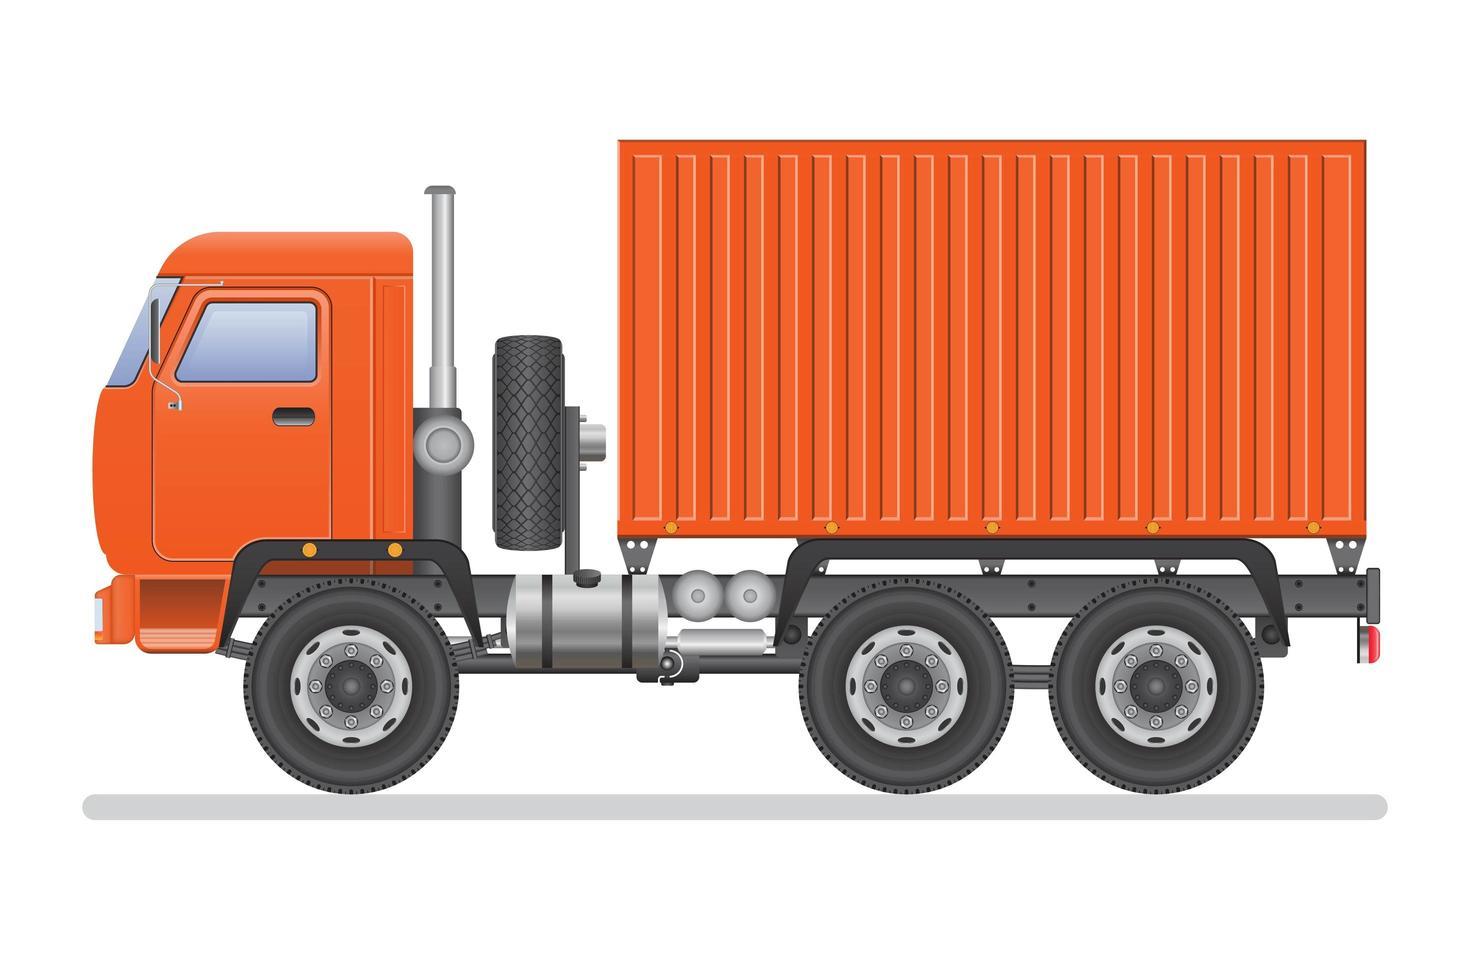 camion container isolato vettore